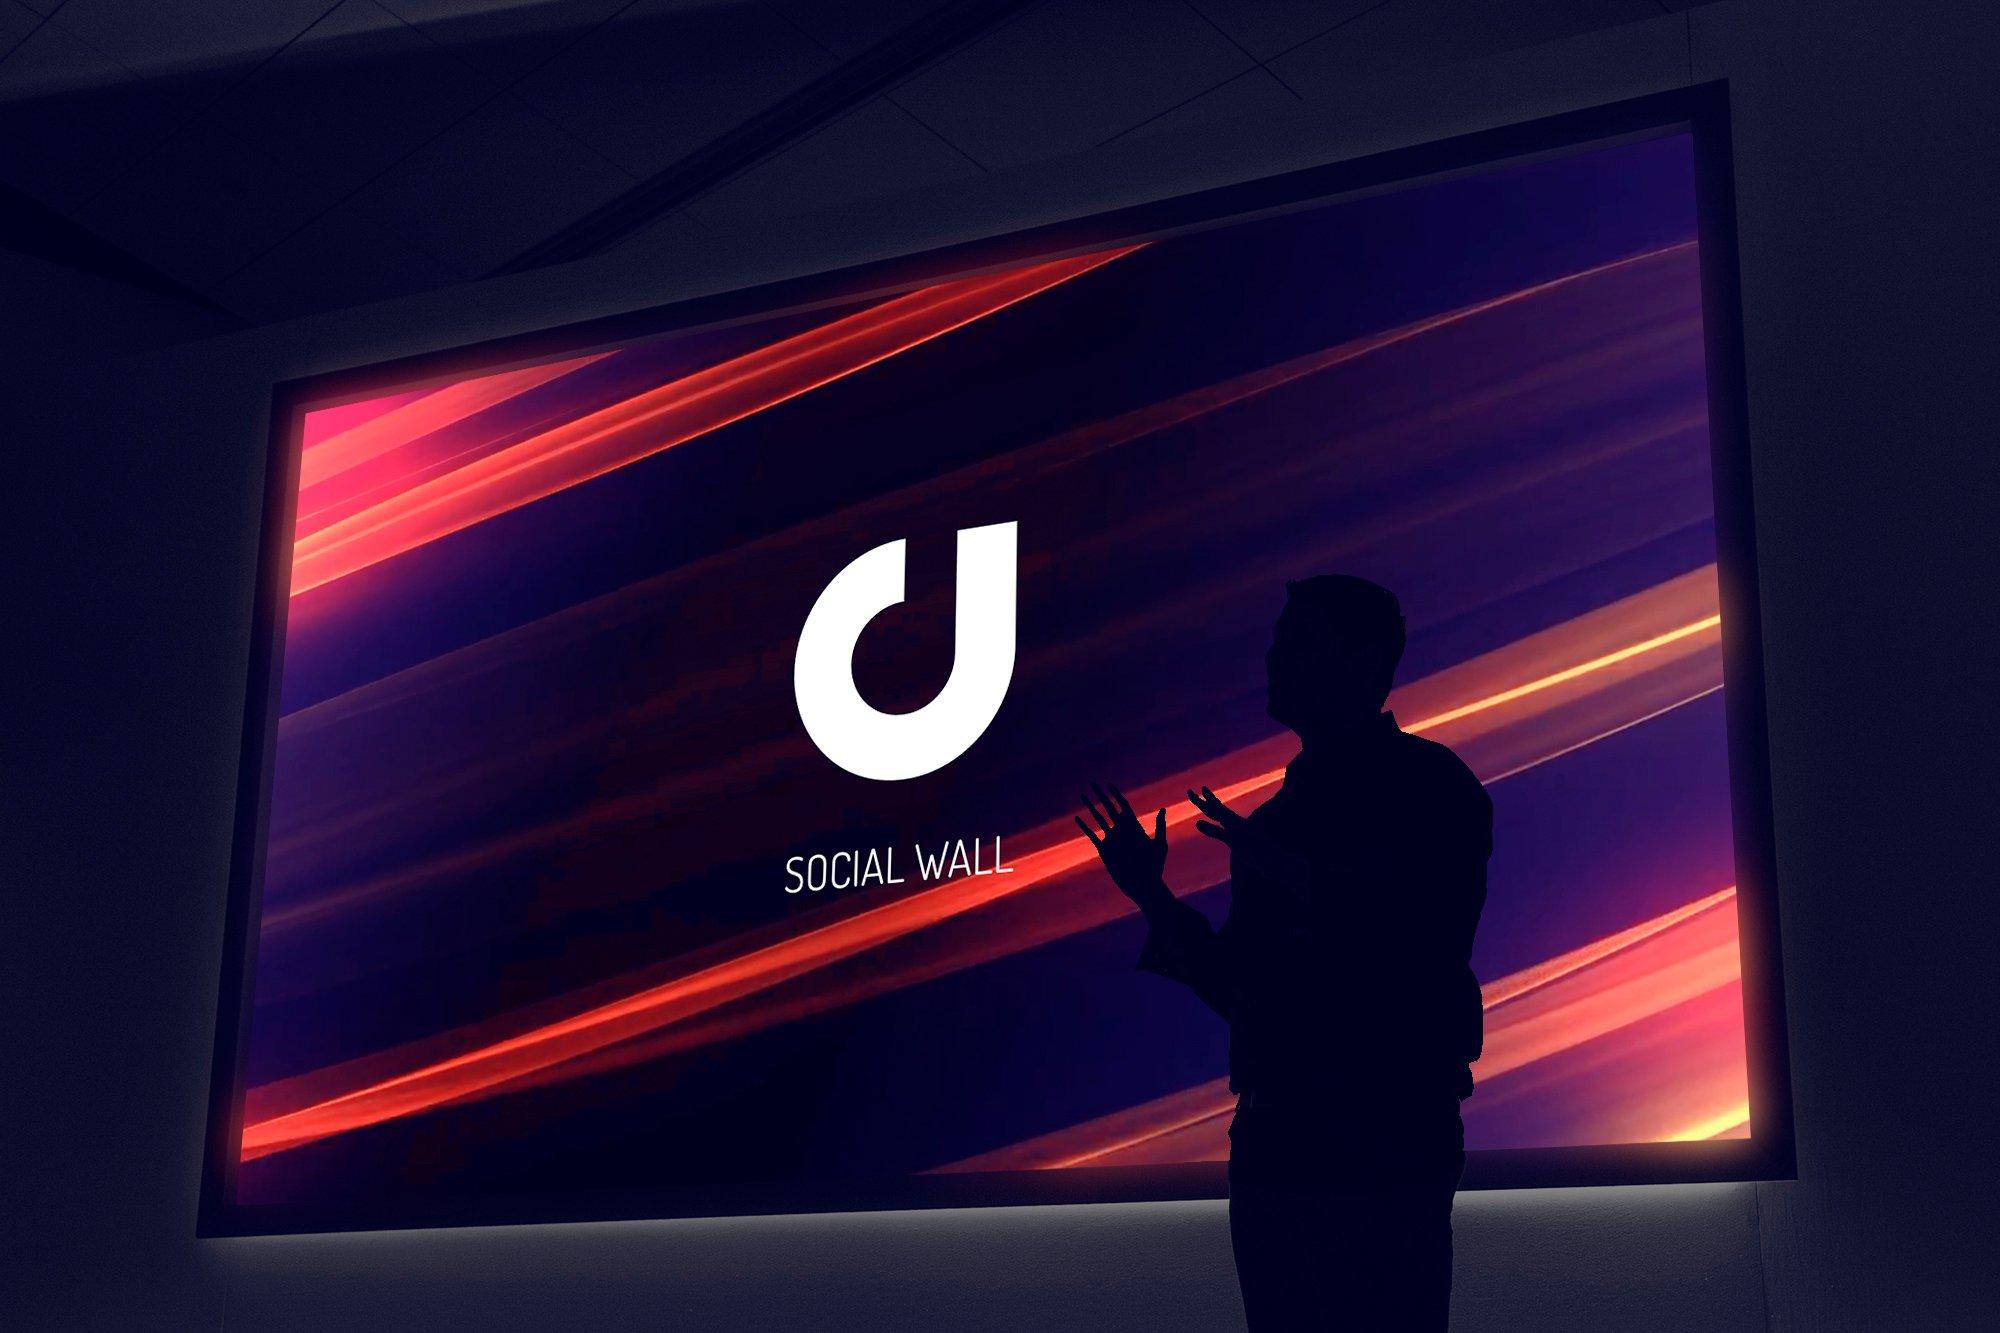 social wall imagen con presentador y logo de digimind